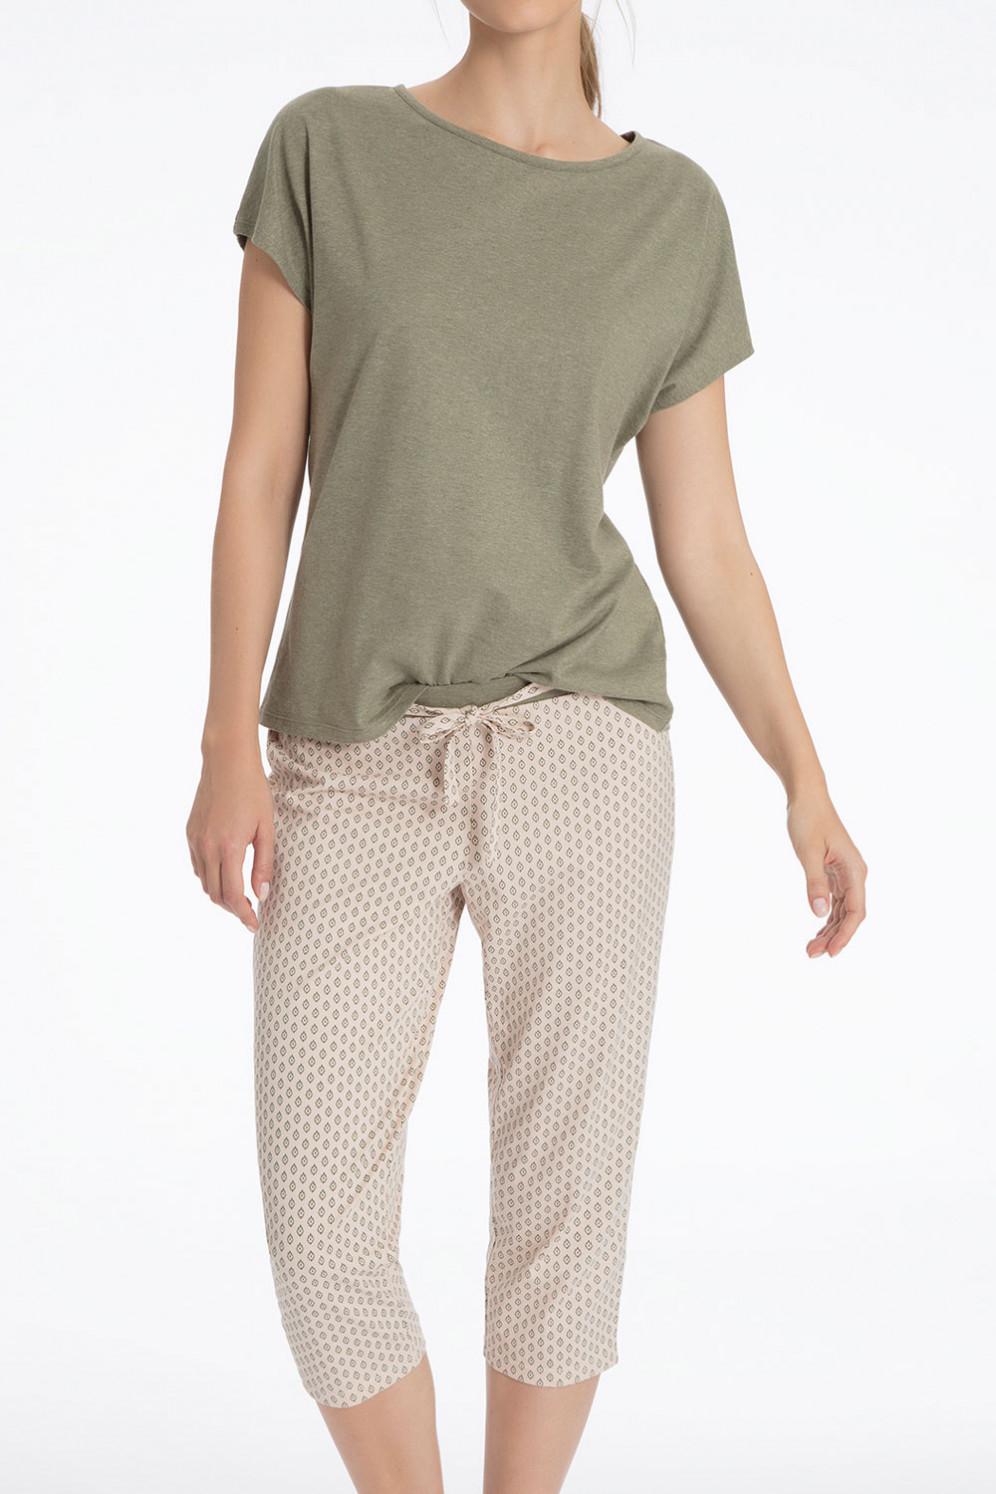 0b4a33e200 Vergrößern Abbildung zu Pyjama 3/4 (40526) der Marke Calida aus der Serie  Doreen ...